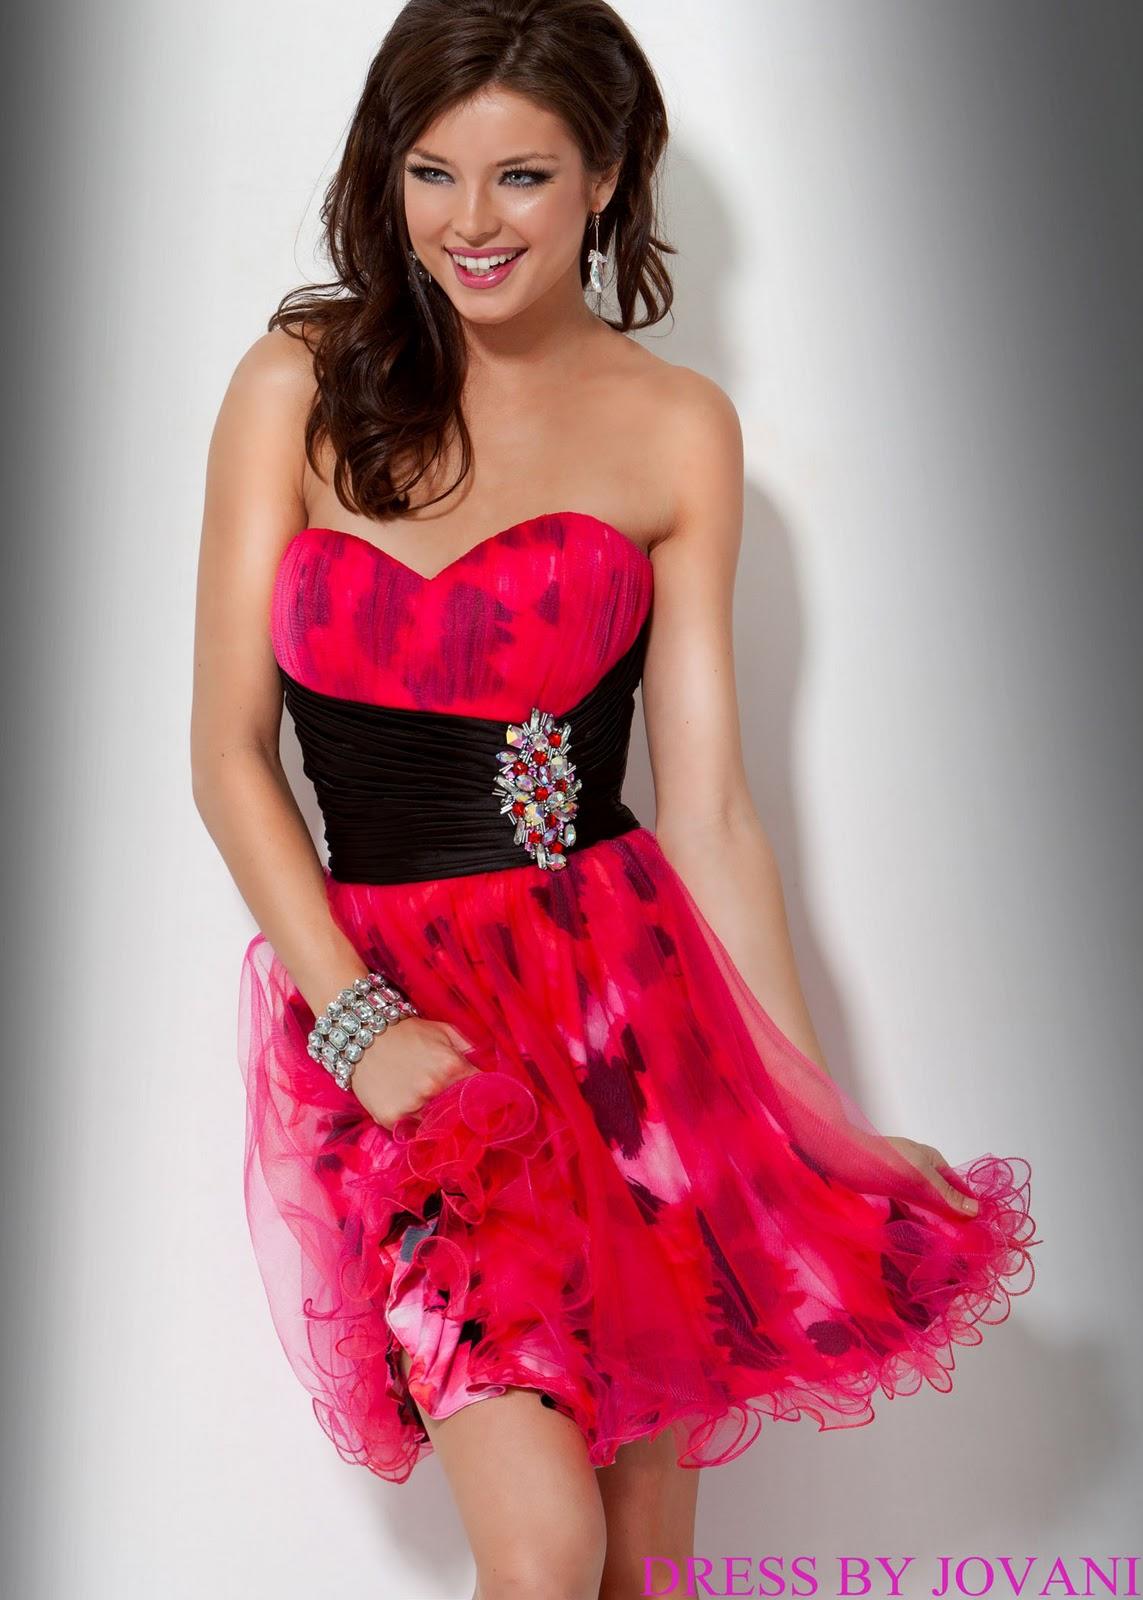 Фото красивых девушек на аву в красивых платьях